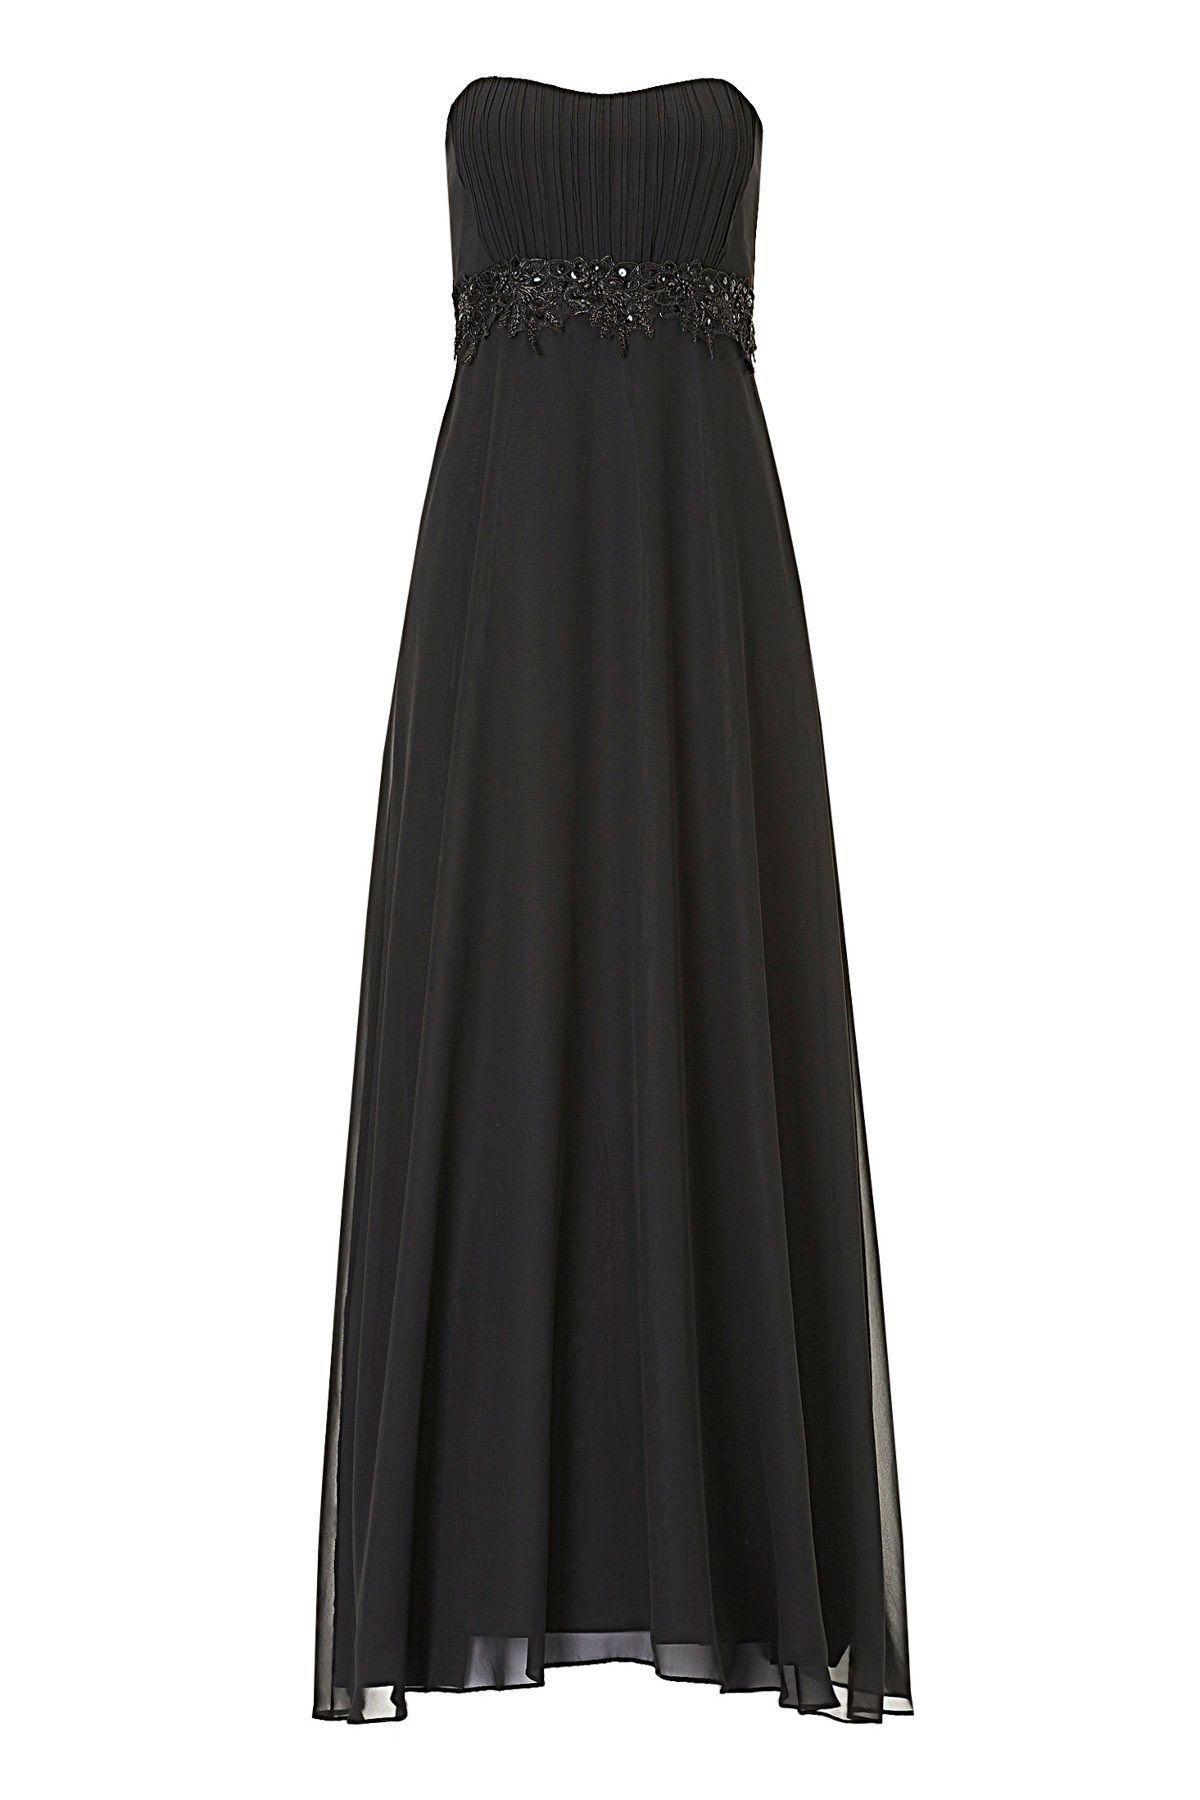 Abendkleid Chiffon schwarz Vera Mont in 18  Abendkleid, Kleider